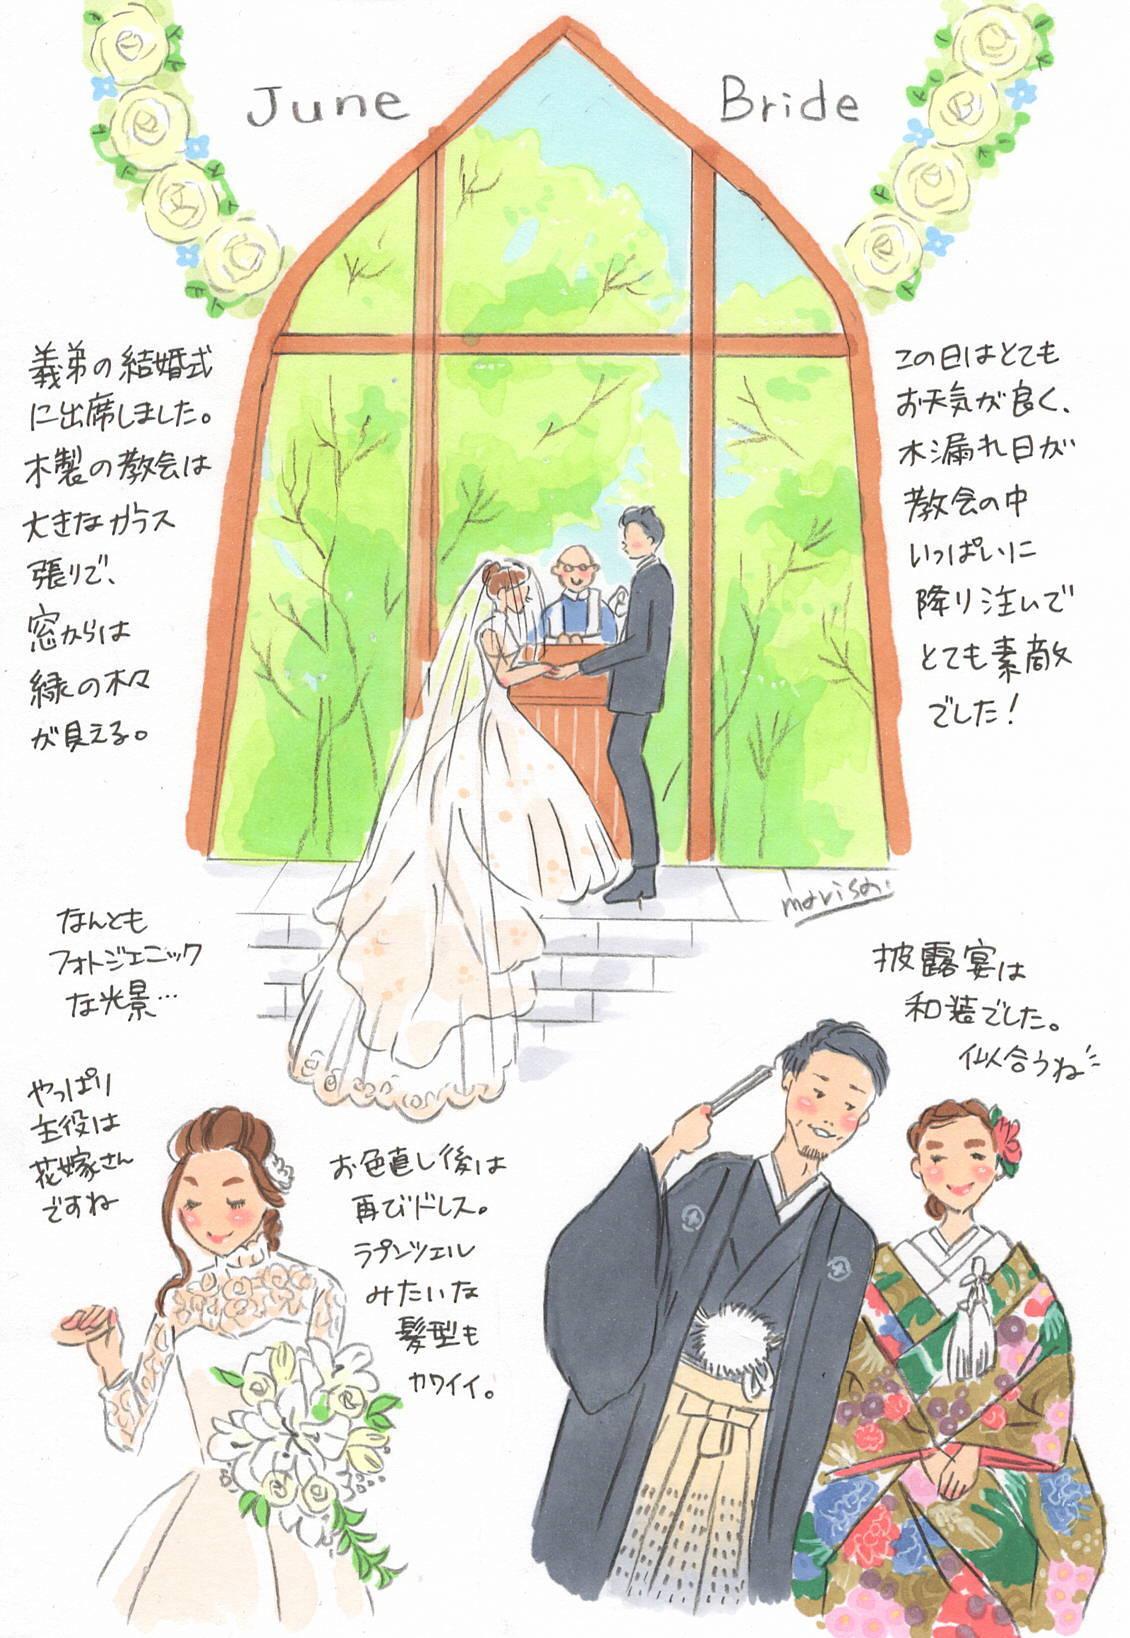 義弟の結婚式に参列して、ふだん周りにいてくれる人たちの大切さを再確認した話。